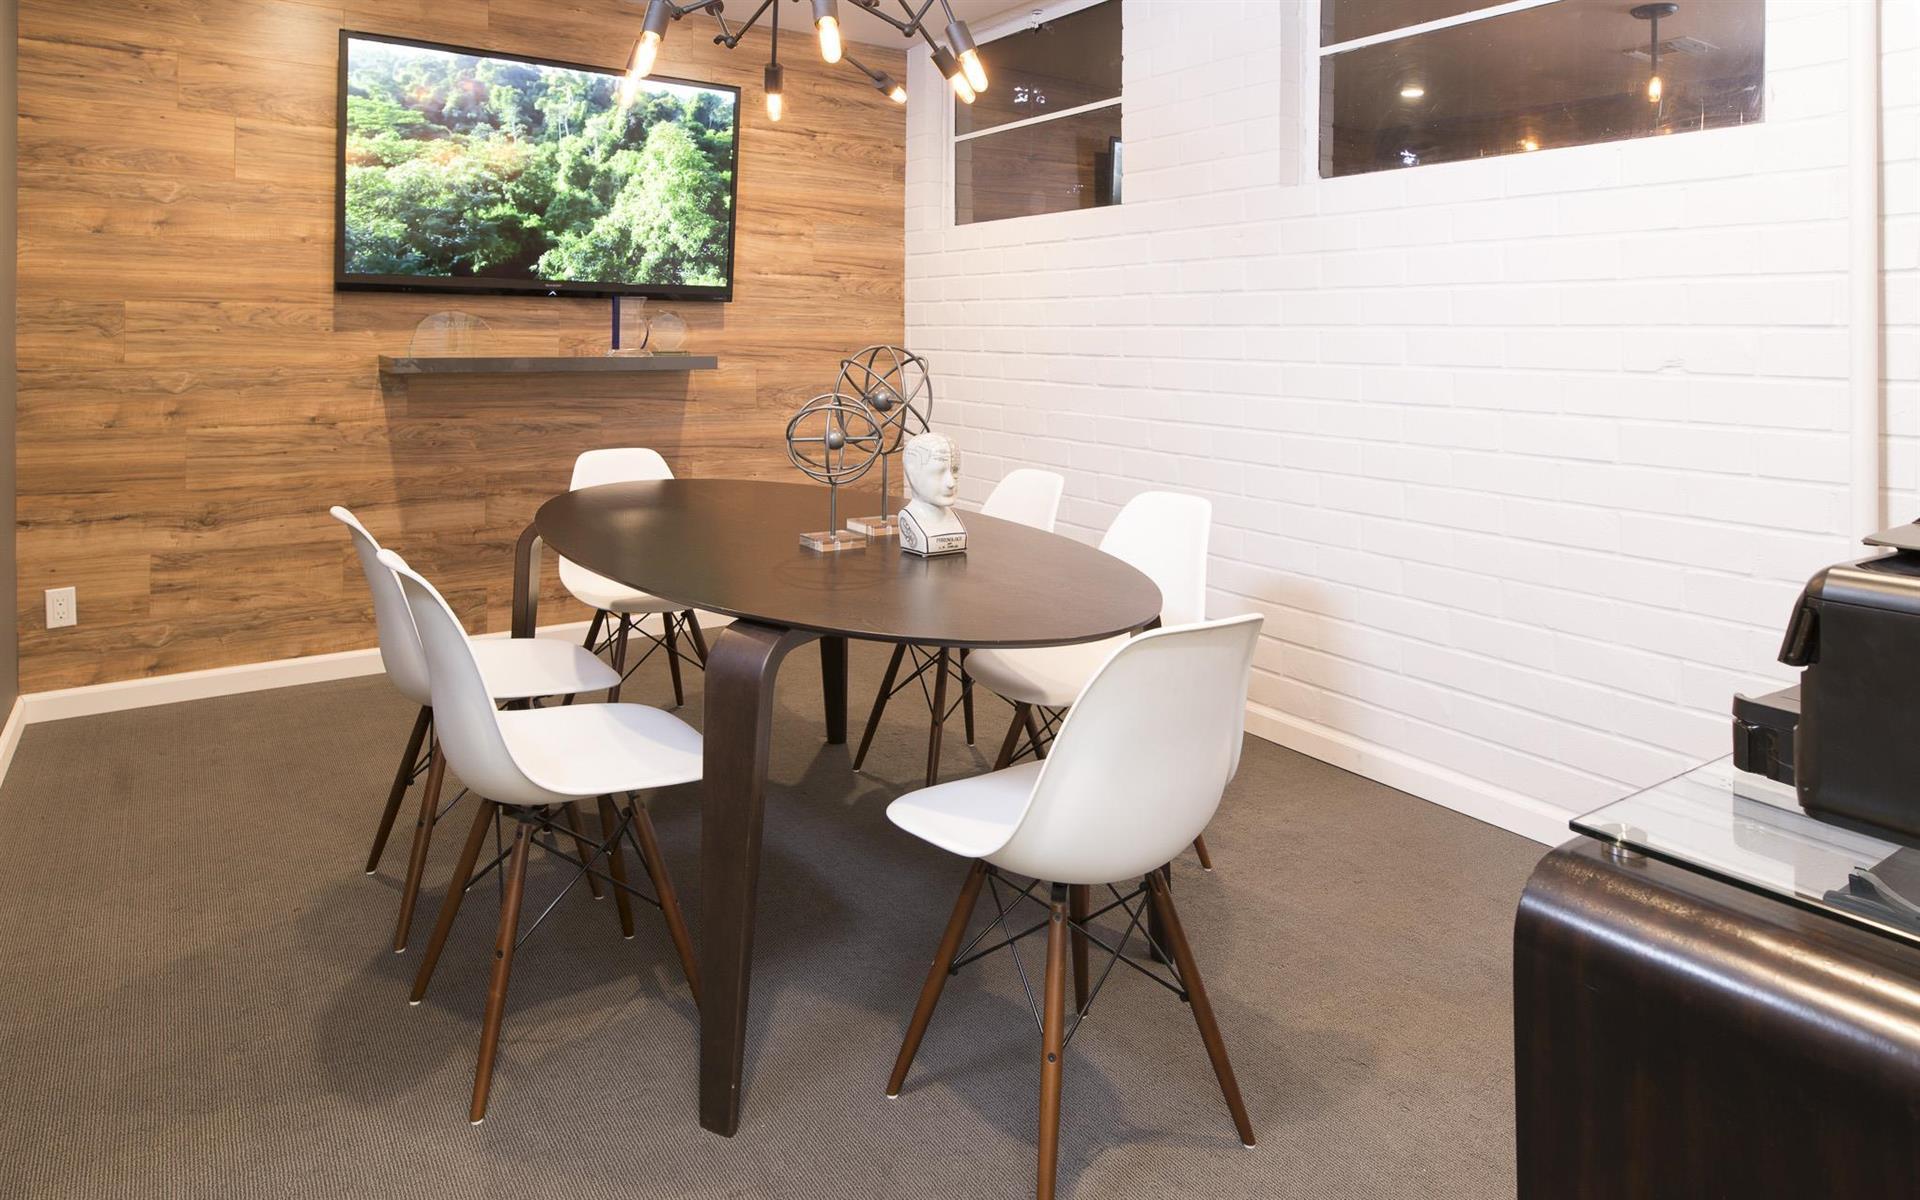 601 Vine Atelier   Studio, Meetings & CoWorking - The Think Tank